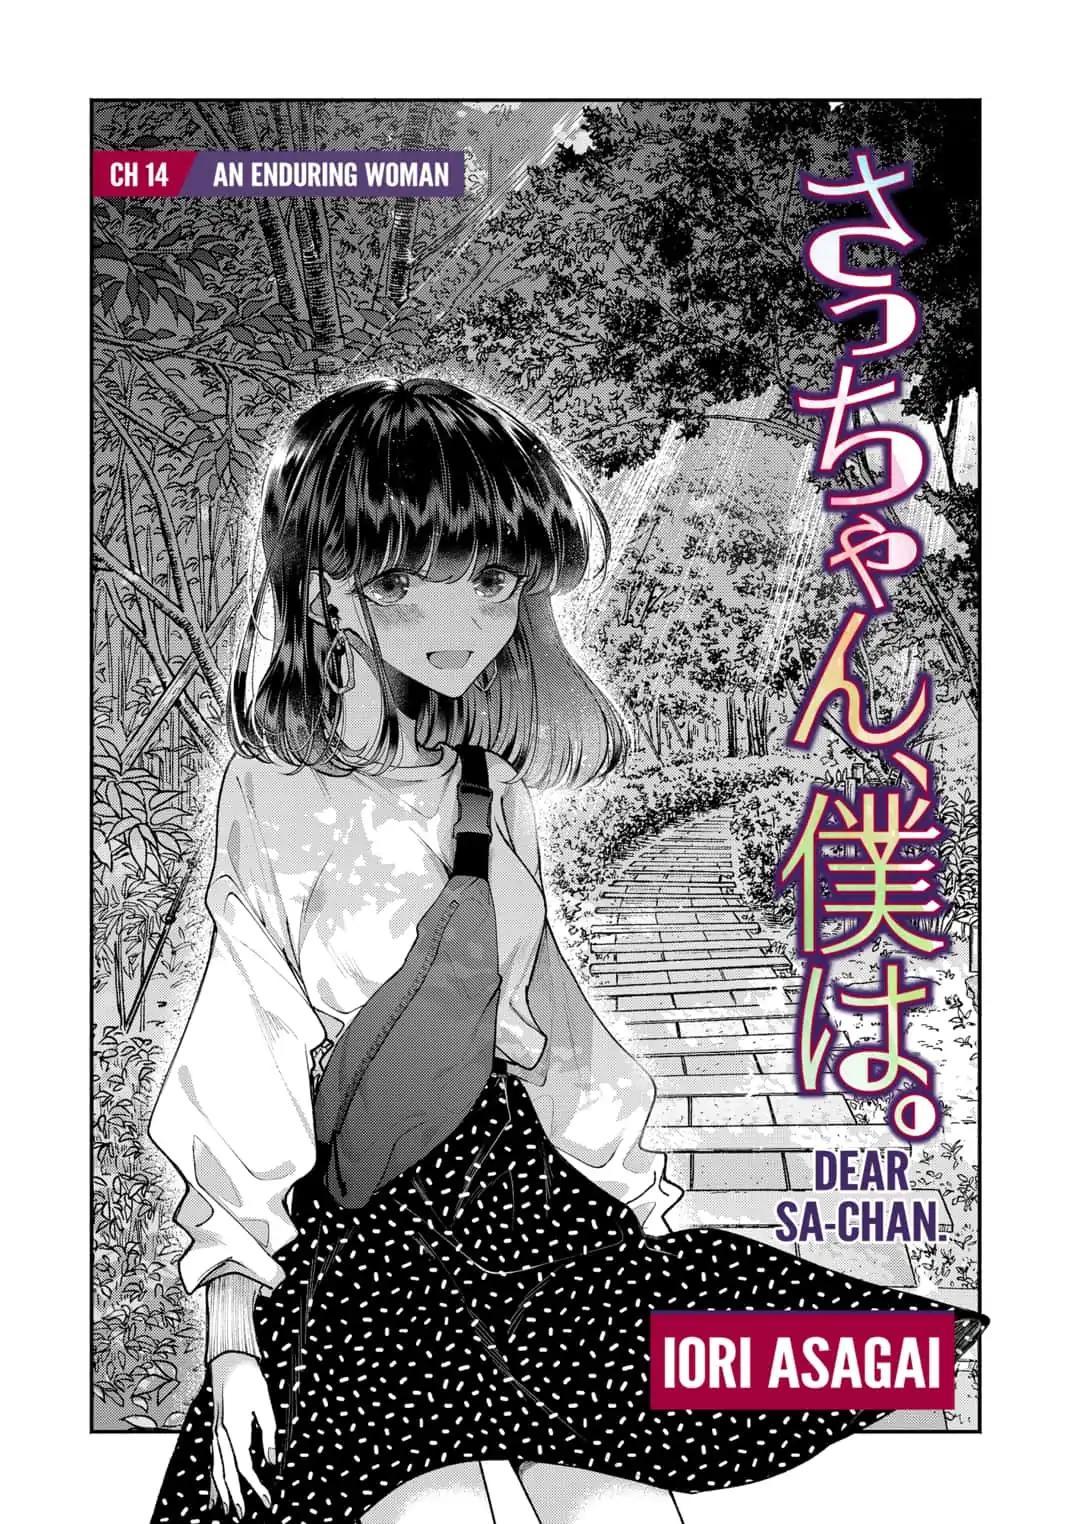 https://manga.mangadogs.com/comics/pic2/4/29124/969483/a6d5ab67798f3a675dc50c1d5b6c03d4.jpg Page 1